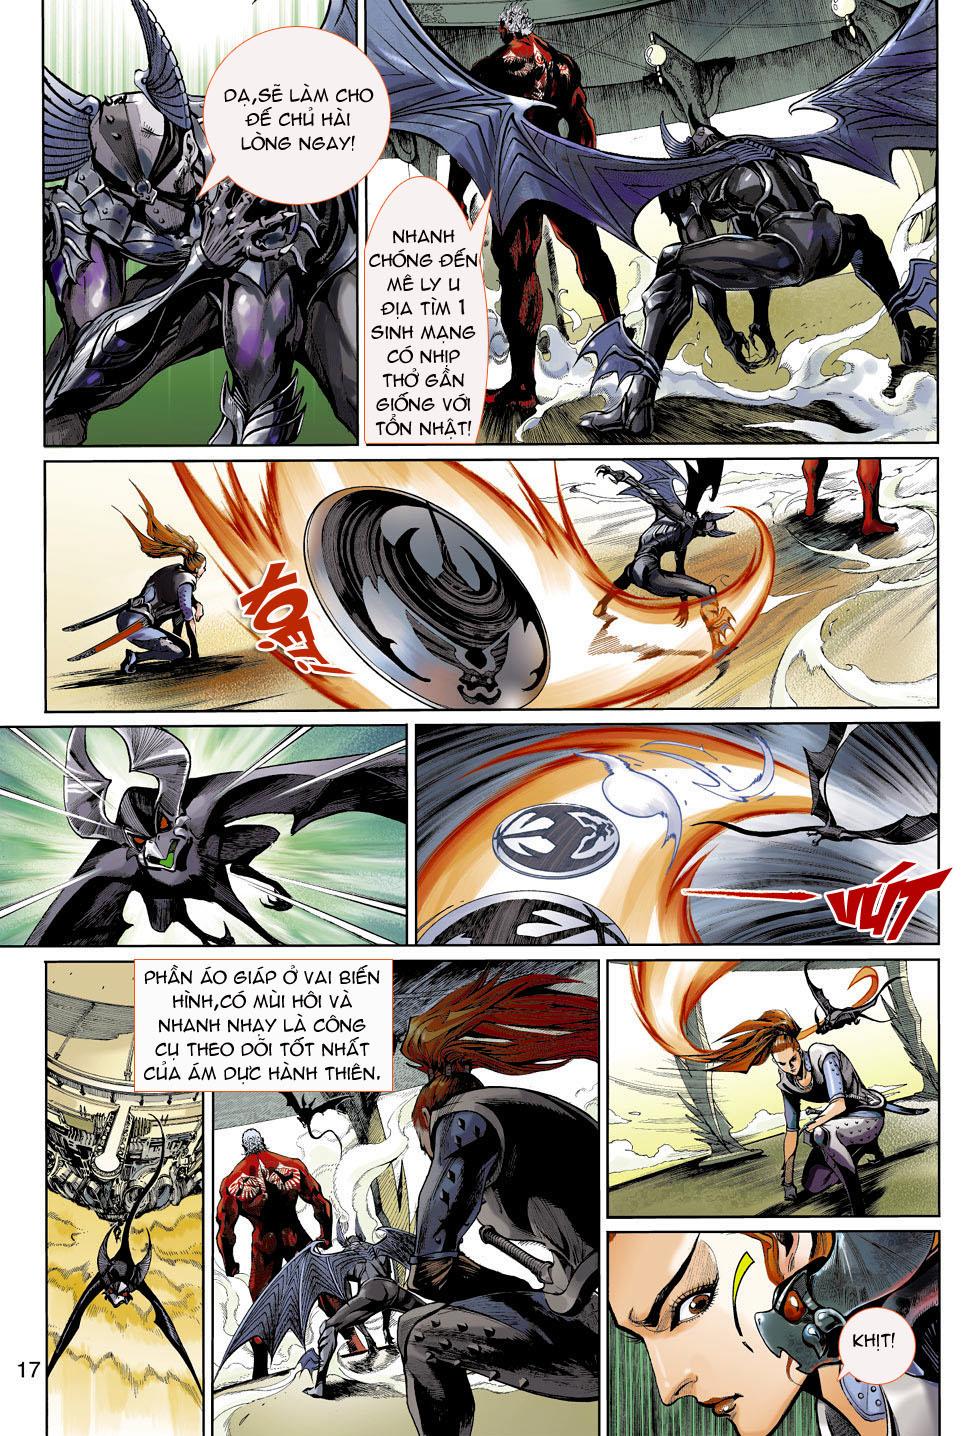 Thần Binh 4 chap 4 - Trang 17